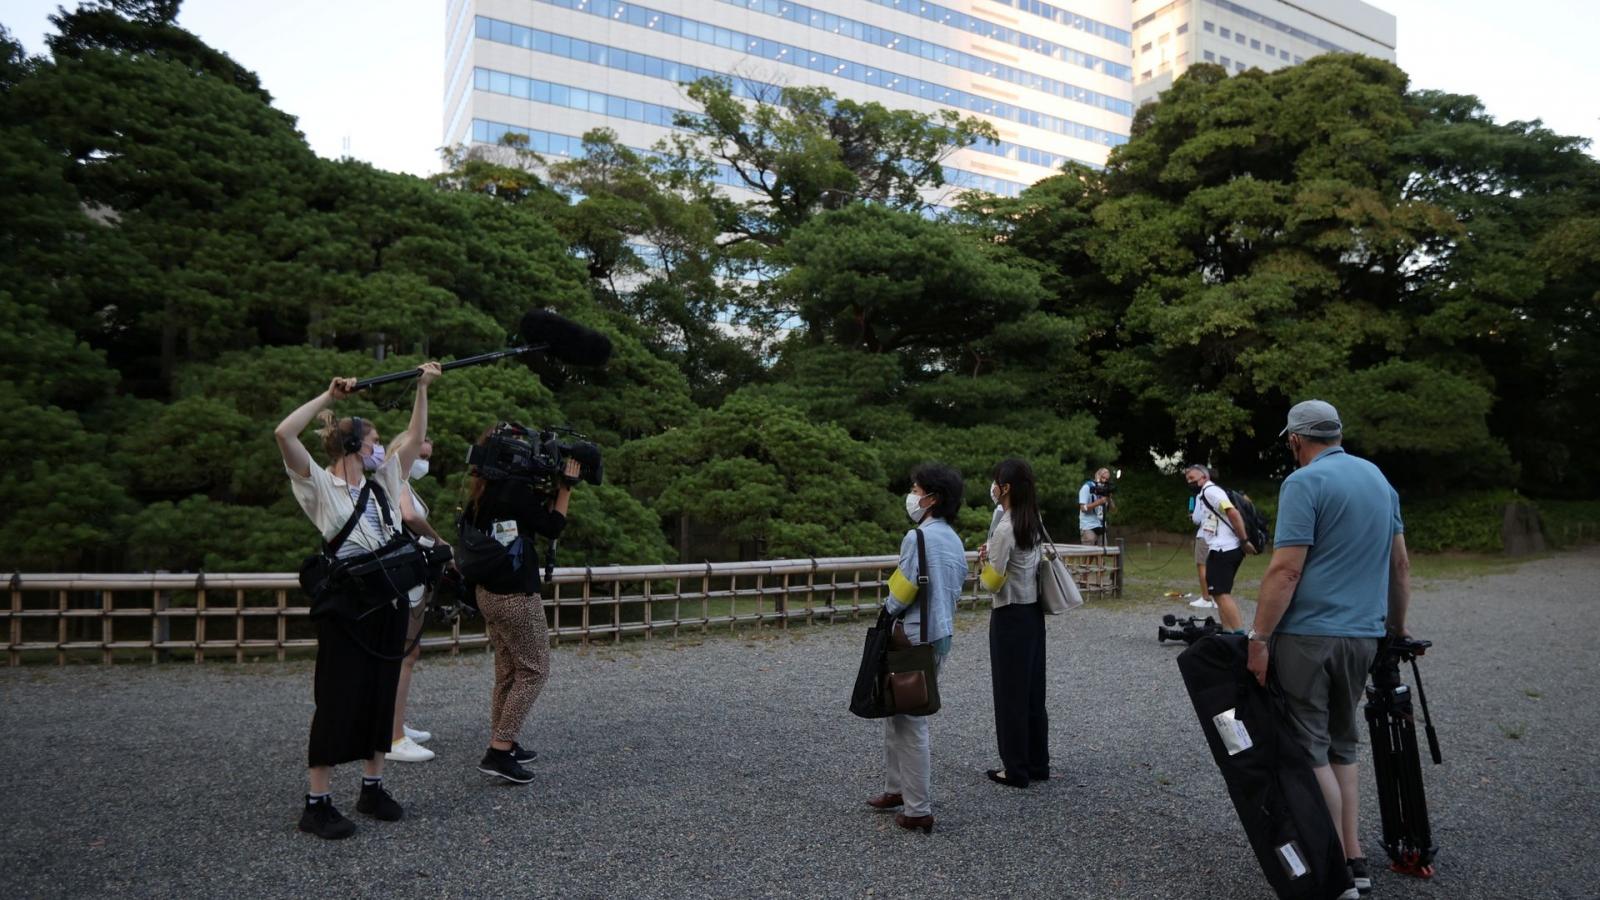 Nhật Bản tặng tour du lịch đặc biệt cho các nhà báo quốc tế trước thềm Olympic Tokyo